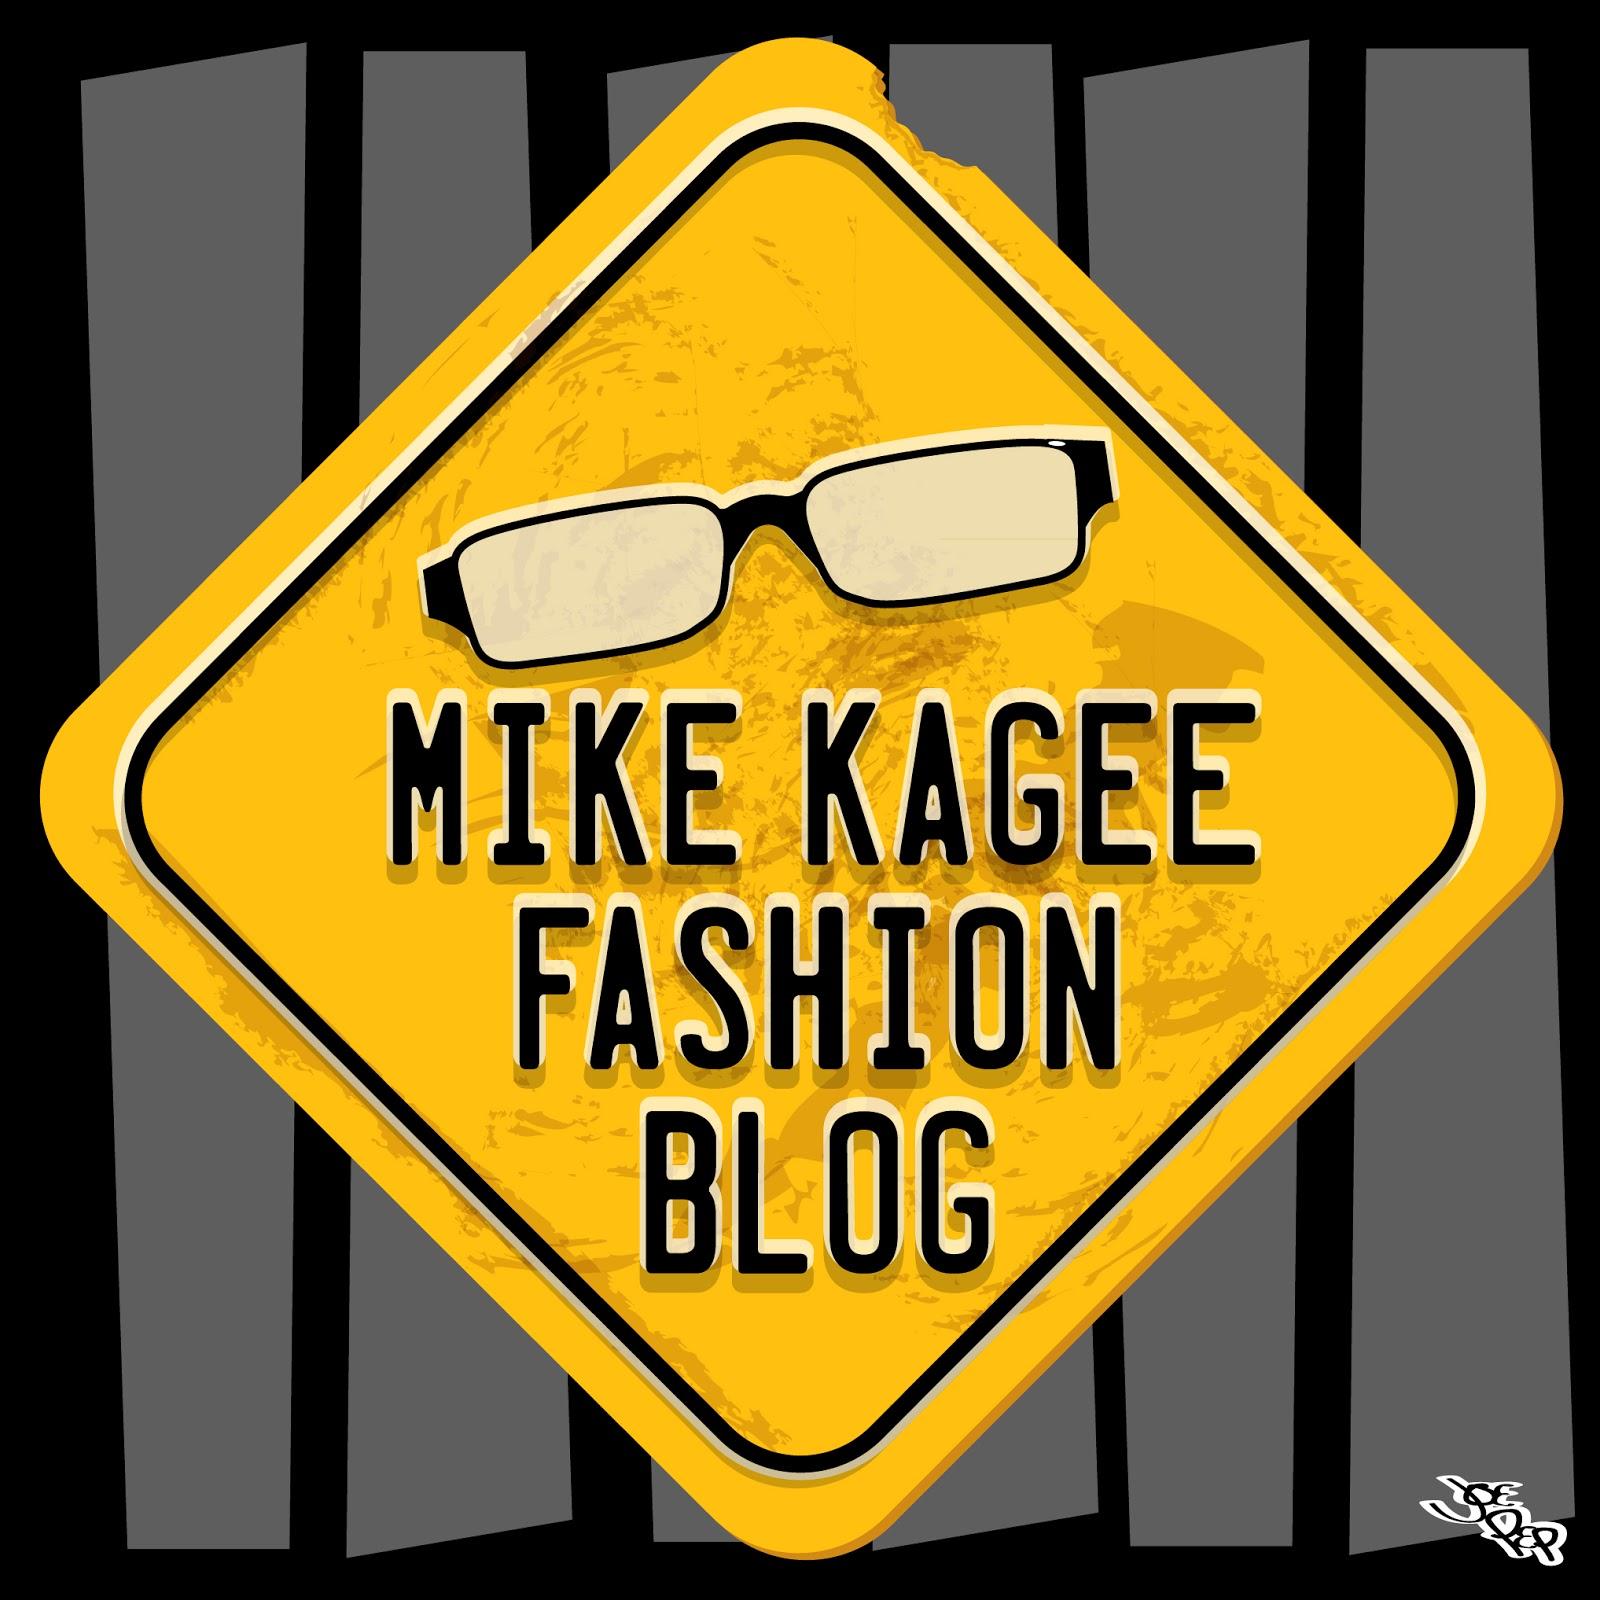 http://4.bp.blogspot.com/-sE9Rqyh7r5Q/UVrGOwiJGDI/AAAAAAAAy7c/IBpJjcsTGbc/s1600/MIKE+KAGEE+FASHION+BLOG+EMBLEM+BY+JOE.jpg